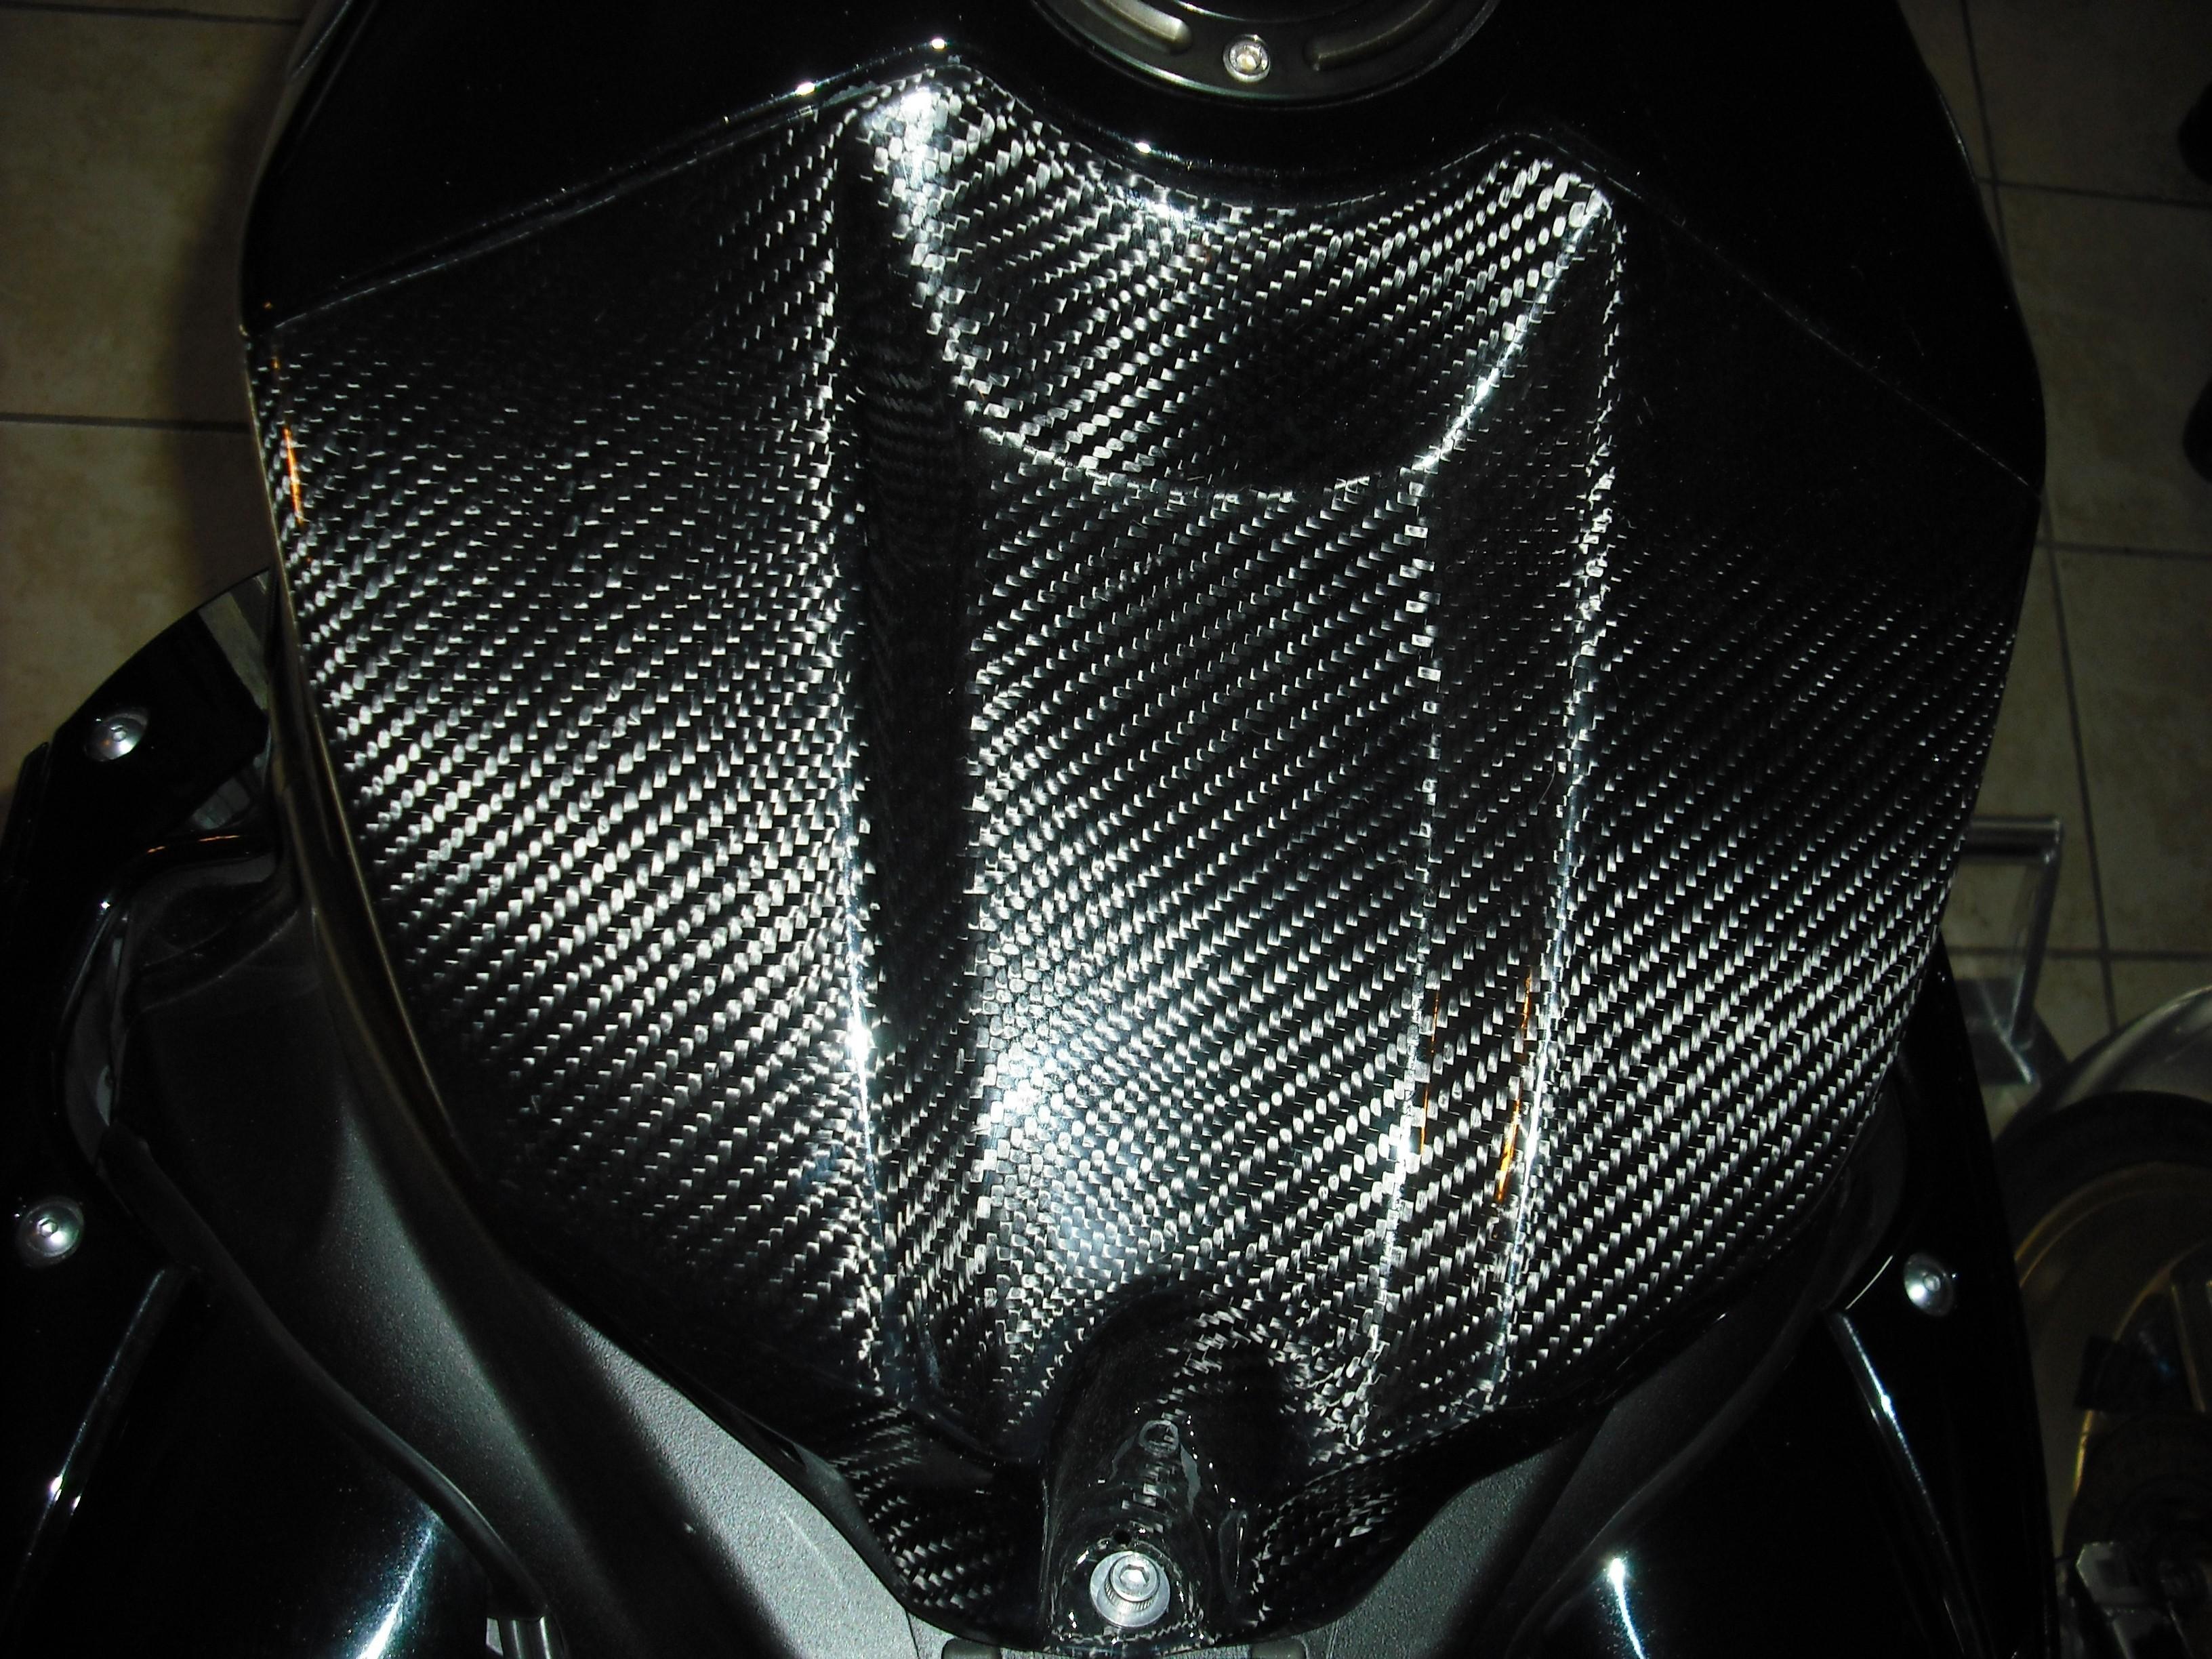 09-14 YZF-R1 Lacomoto M1 Replica Carbon Fiber Airbox Cover